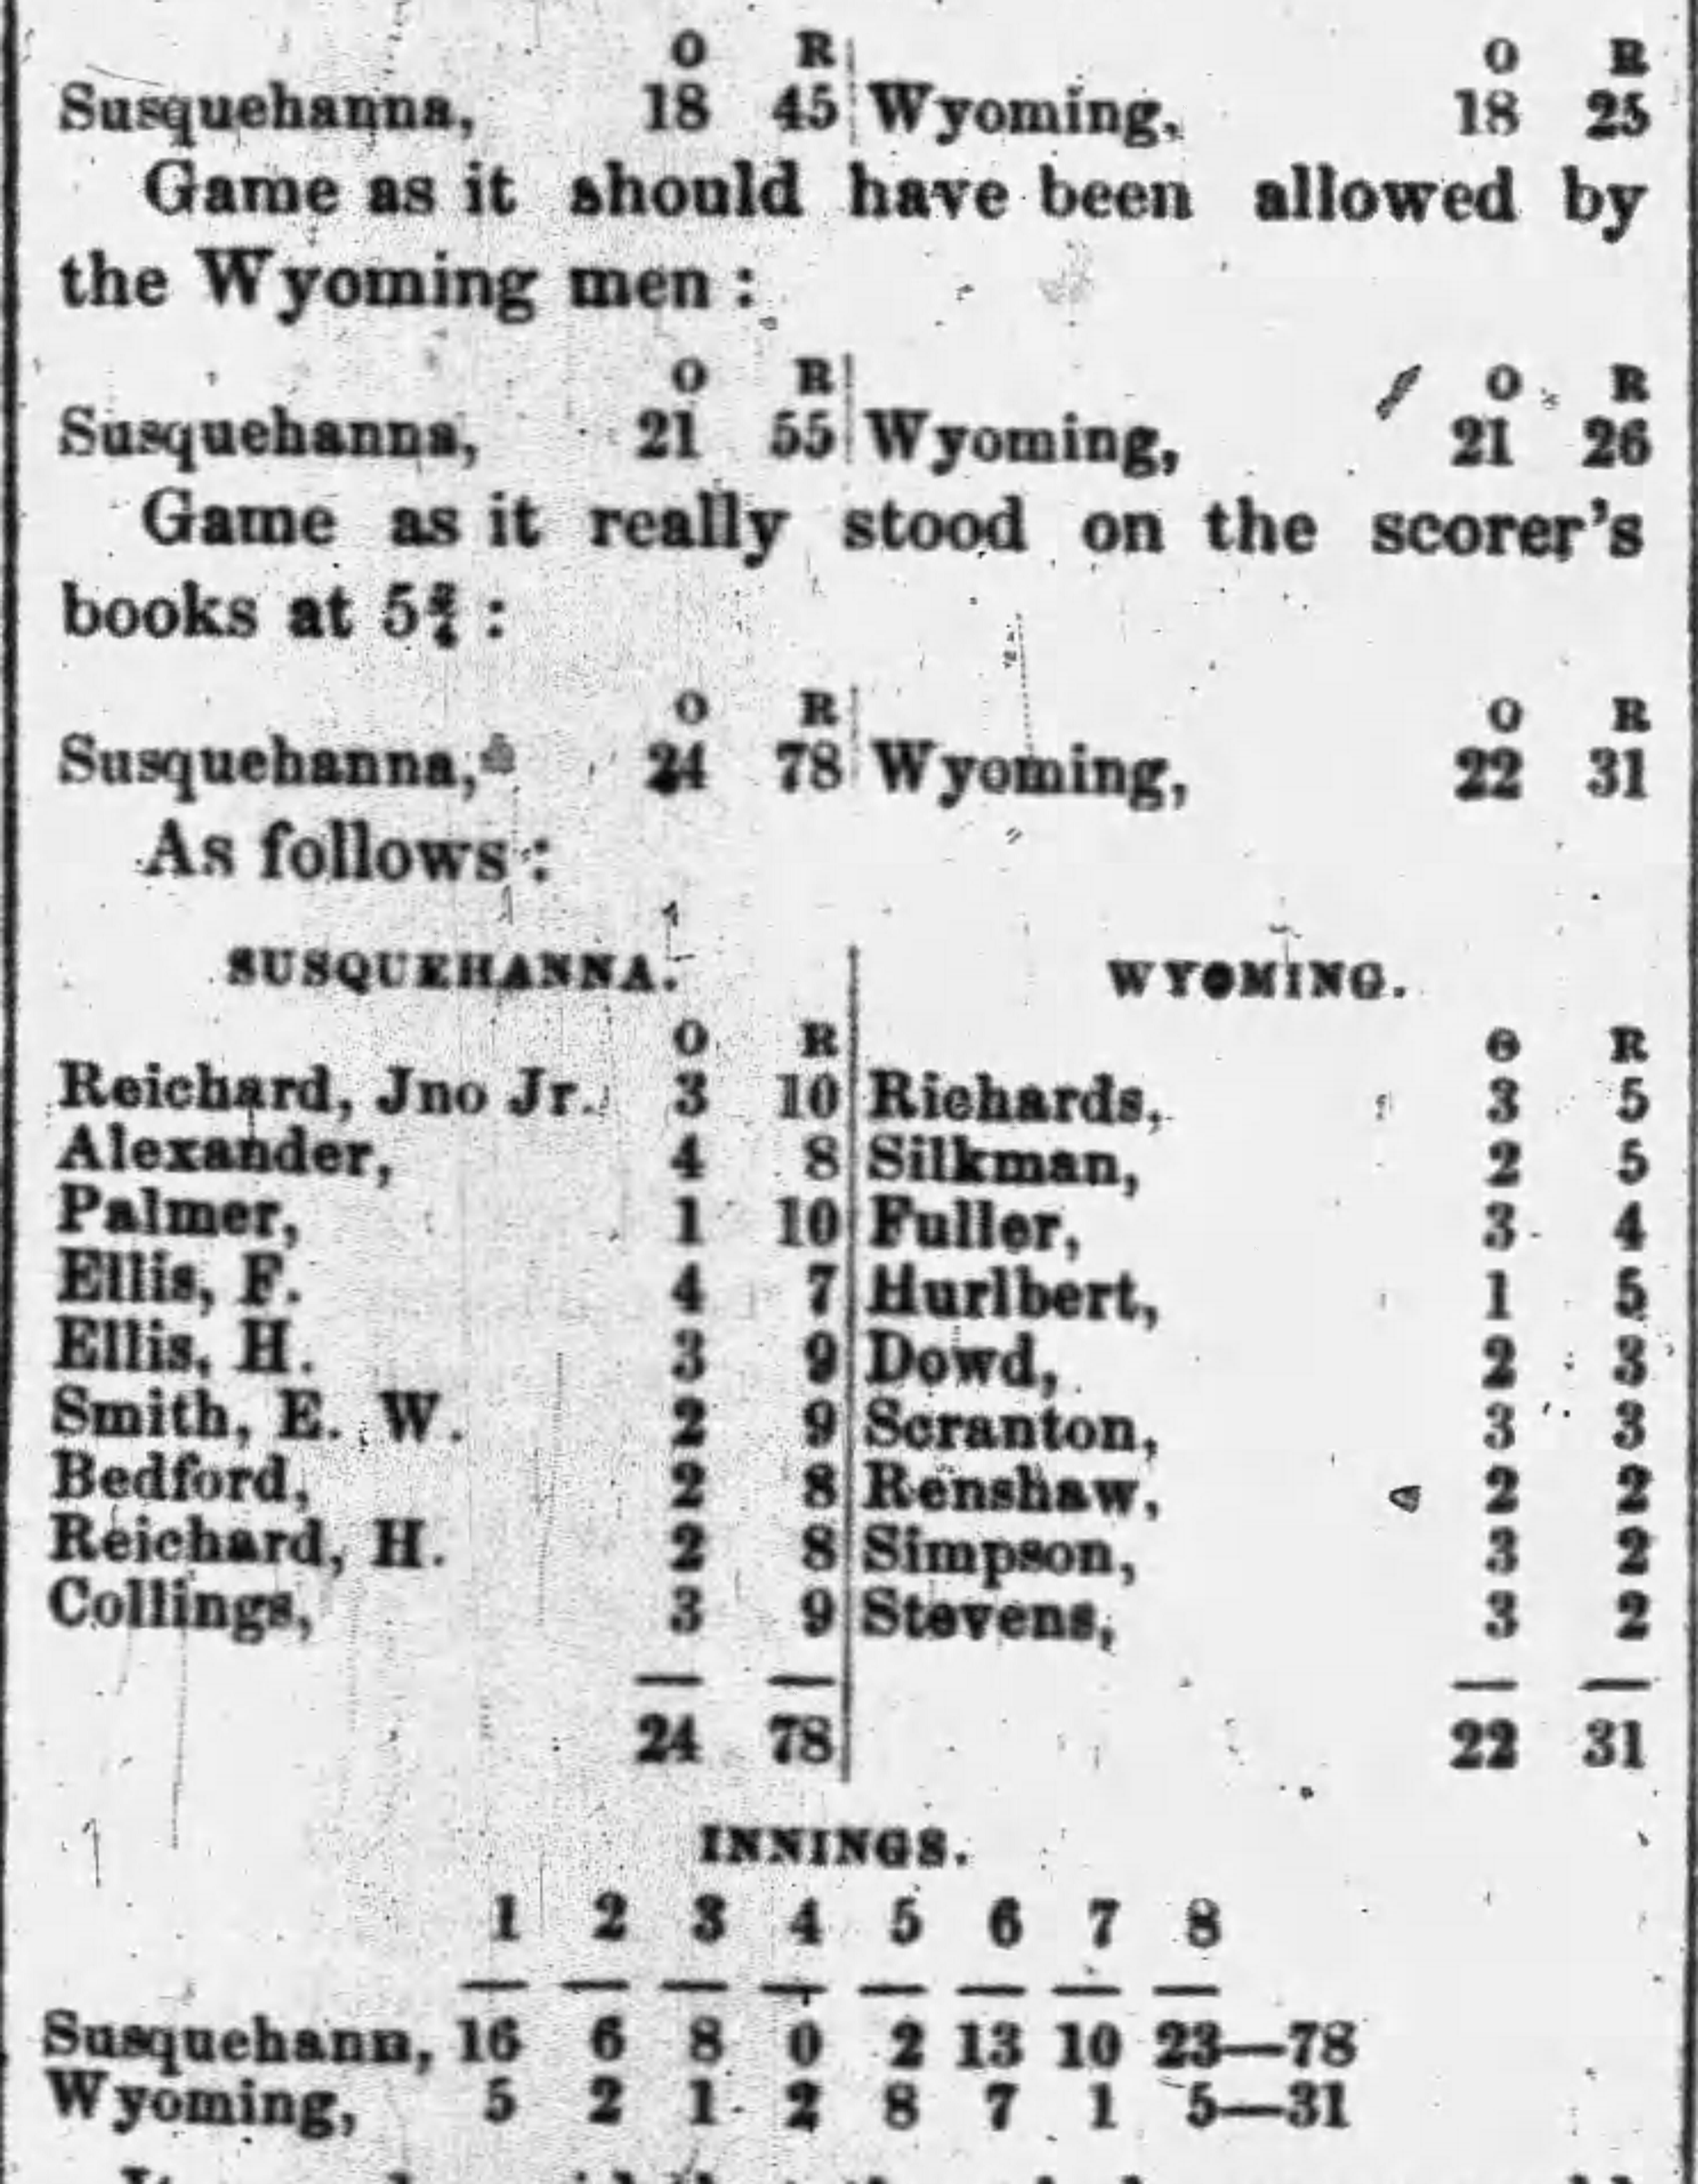 1865 Box Score 3